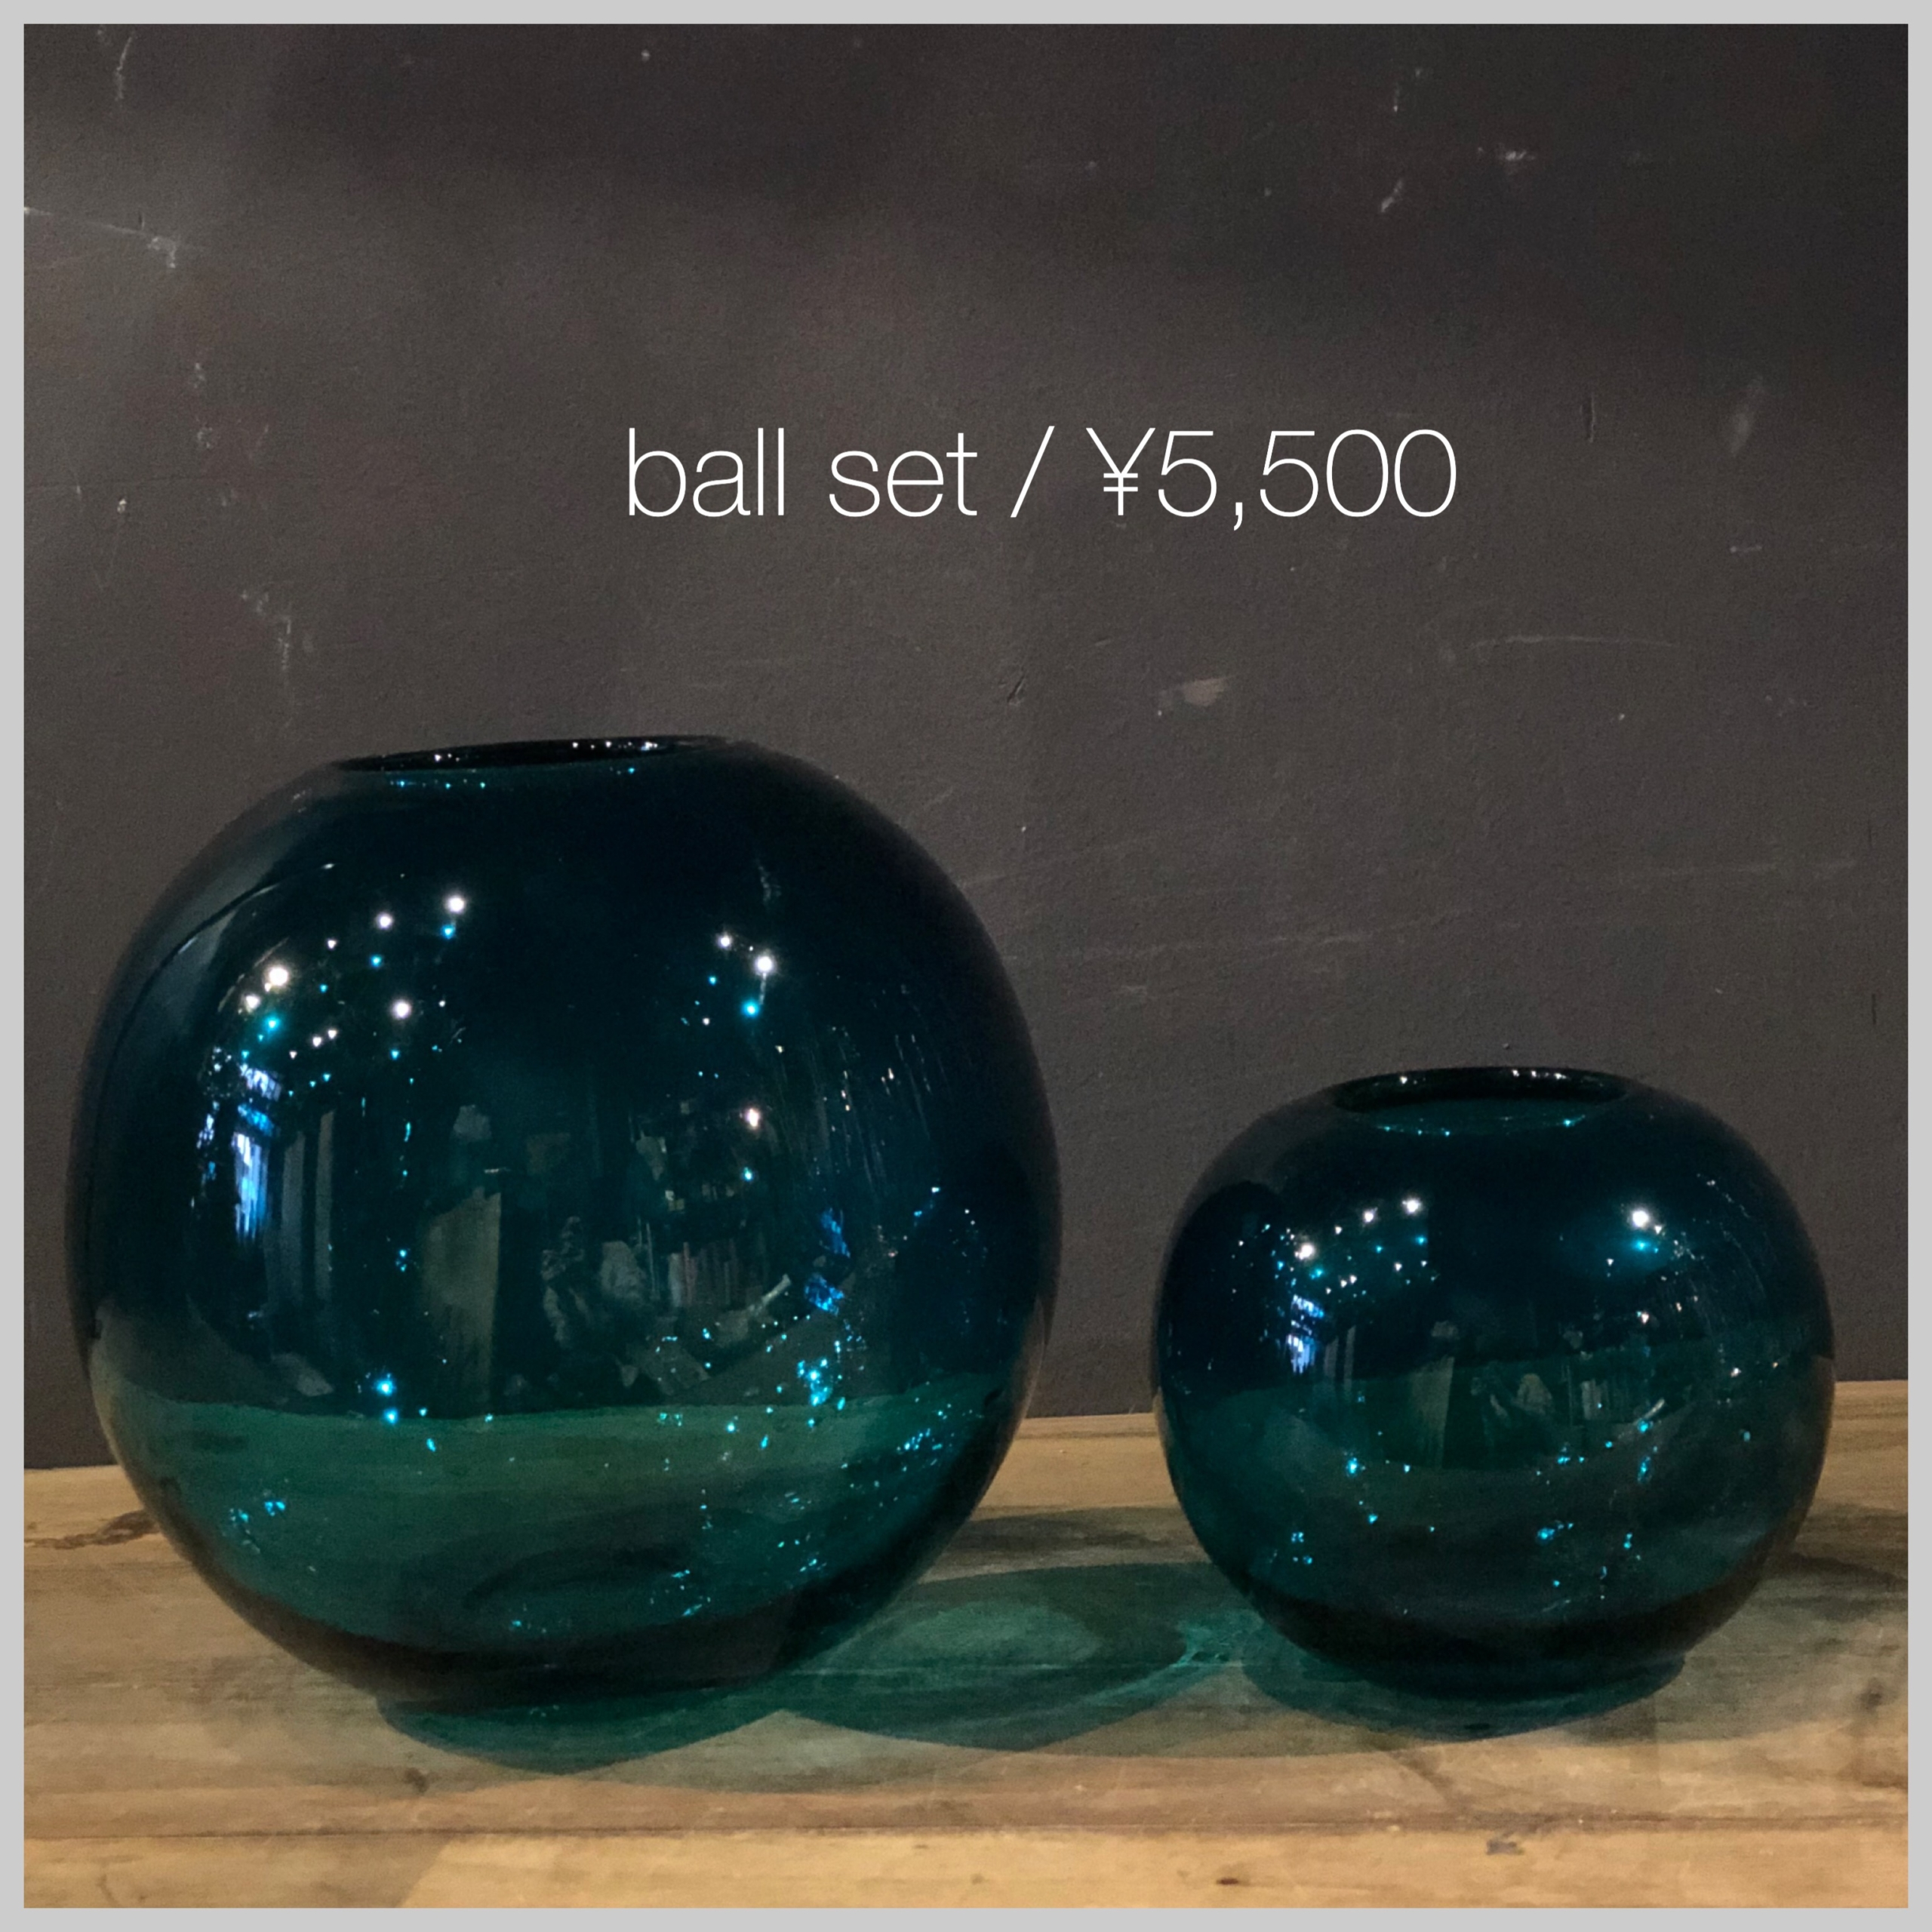 vase0001-ballset